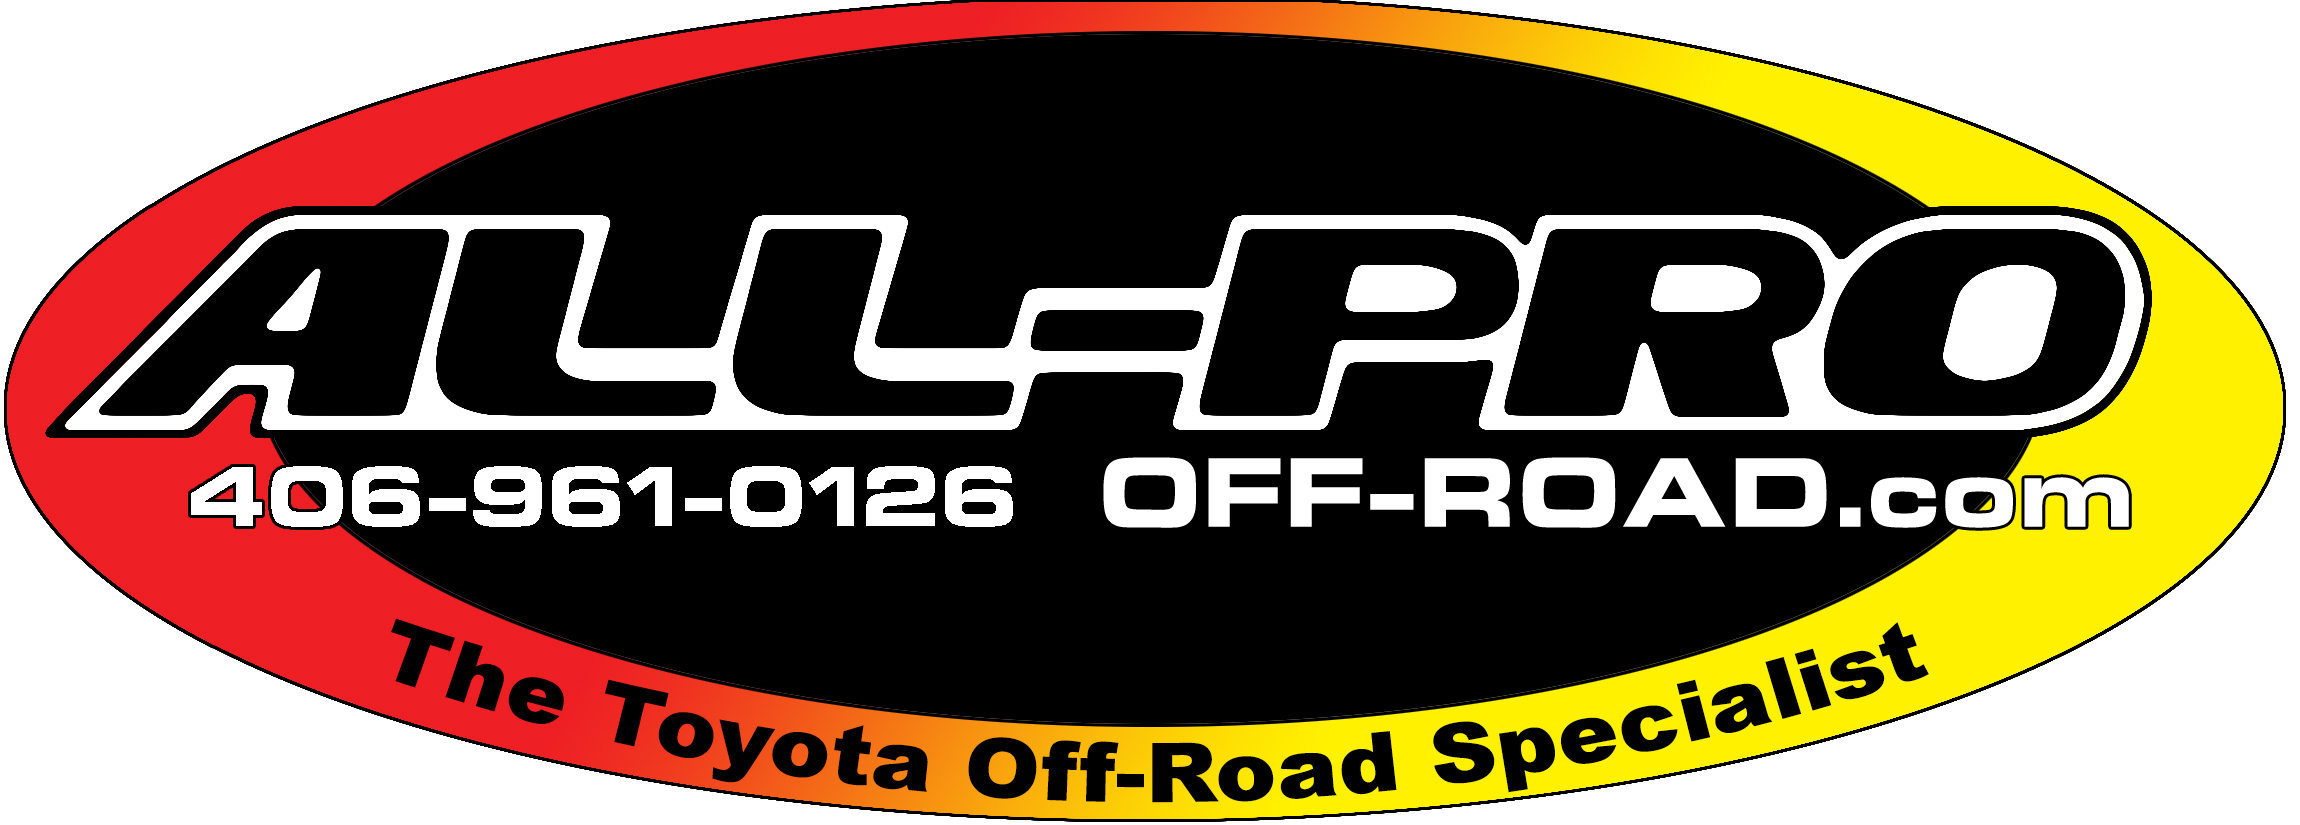 allpro logo 2.jpg